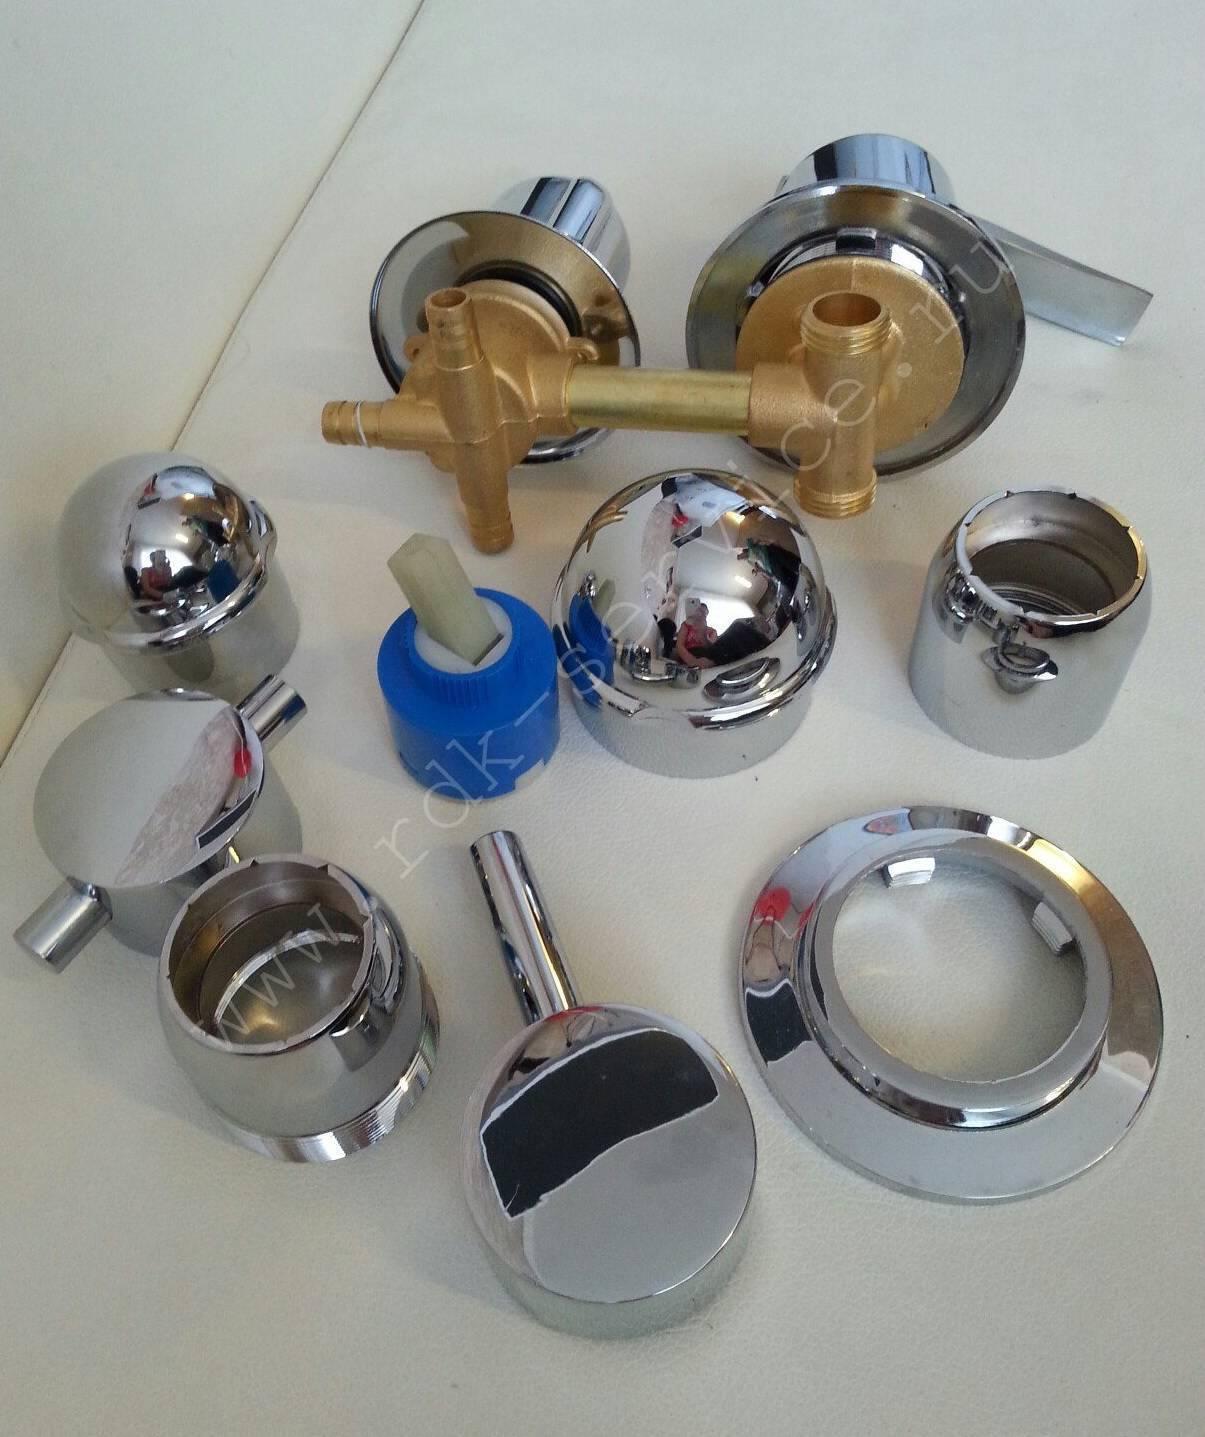 Как можно заменить картридж в смесителе в ванной. как поменять картридж в смесителе в ванной – советы мастеров как поменять картридж на кухонном смесителе